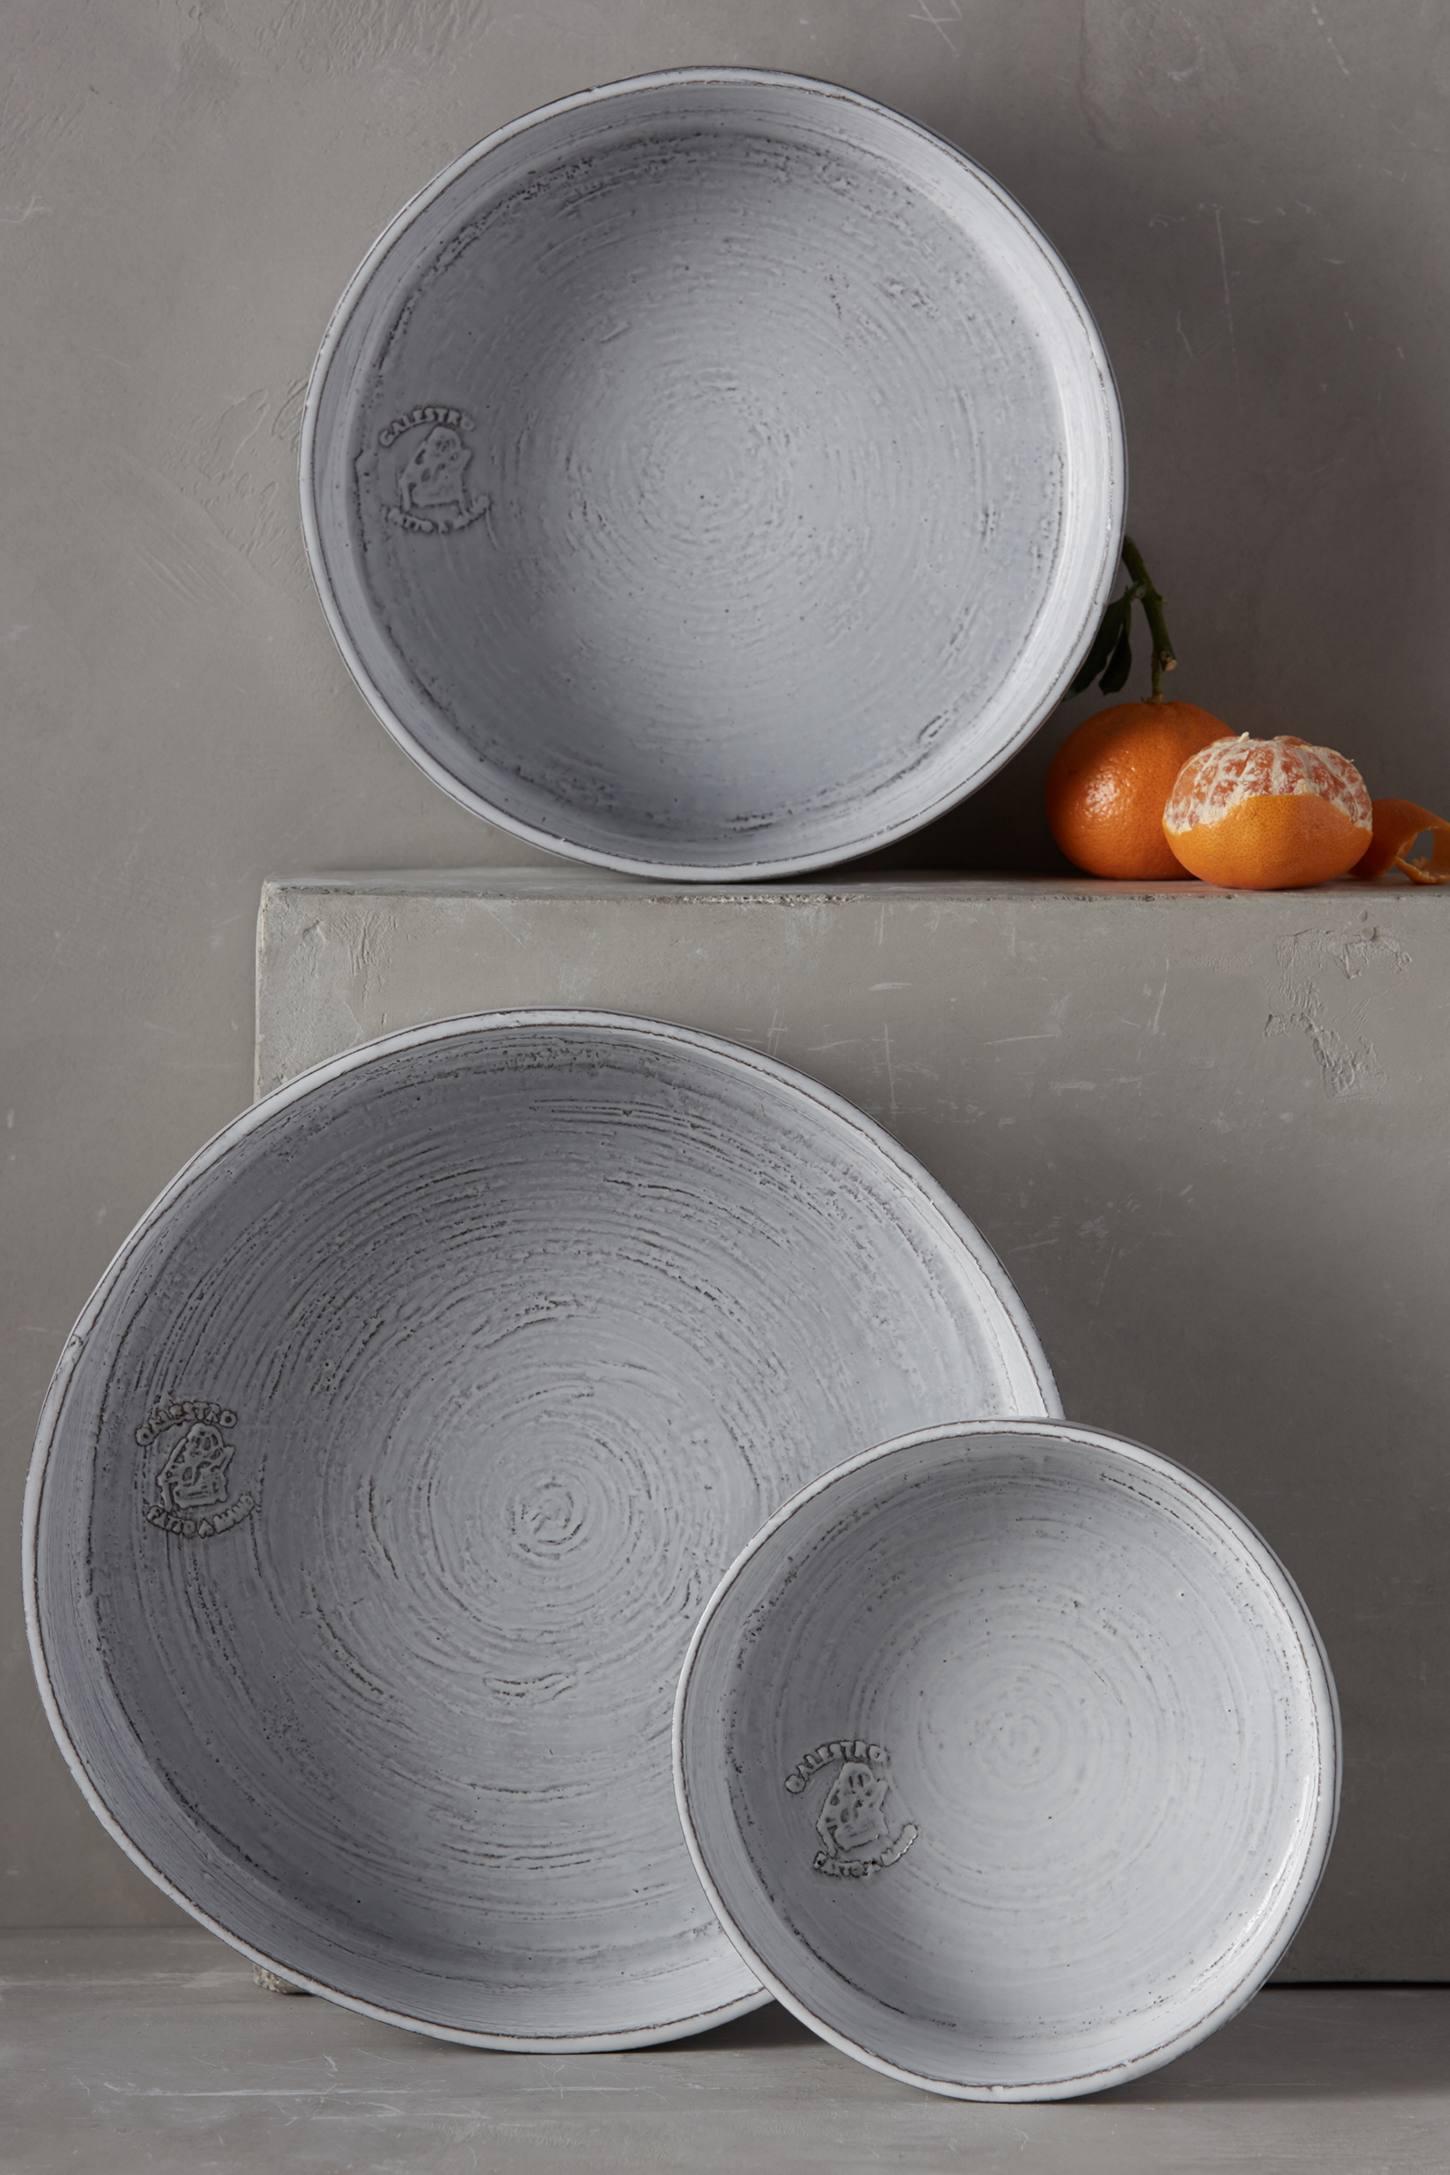 Glenna Serving Bowls | Anthropologie